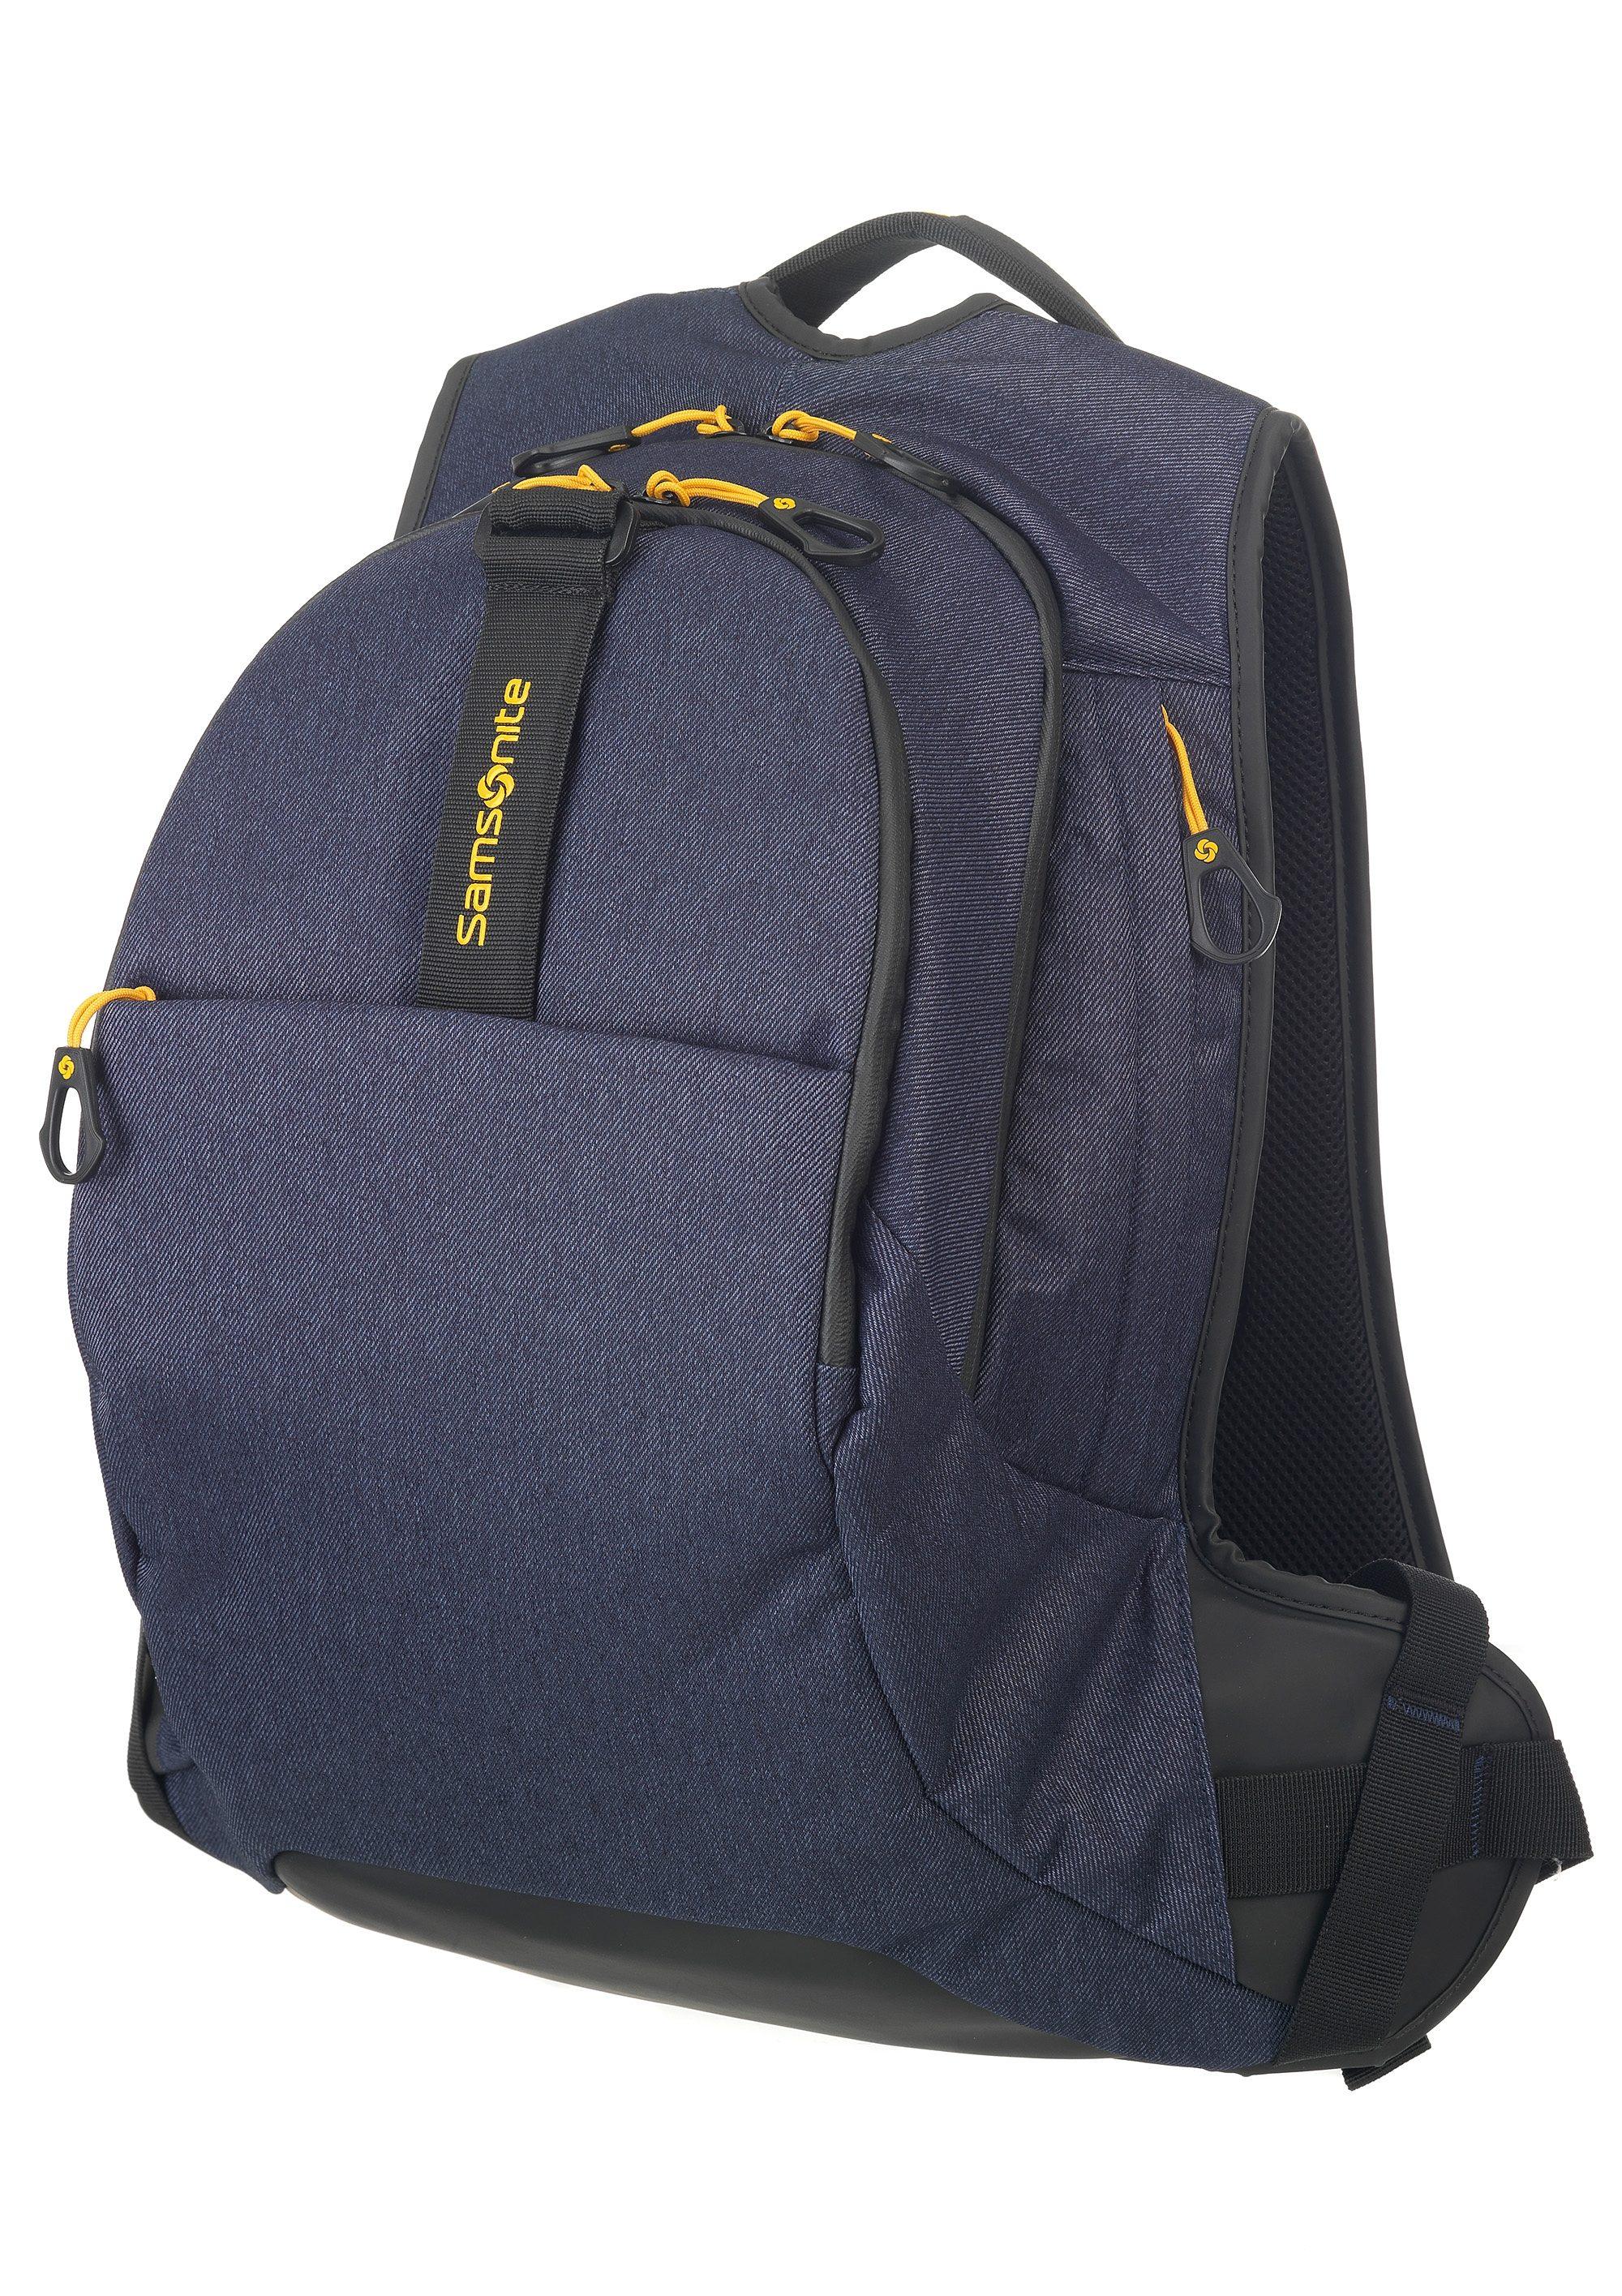 Samsonite Rucksack mit 15,6-Zoll Laptopfach, »Paradiver Laptop Rucksack«